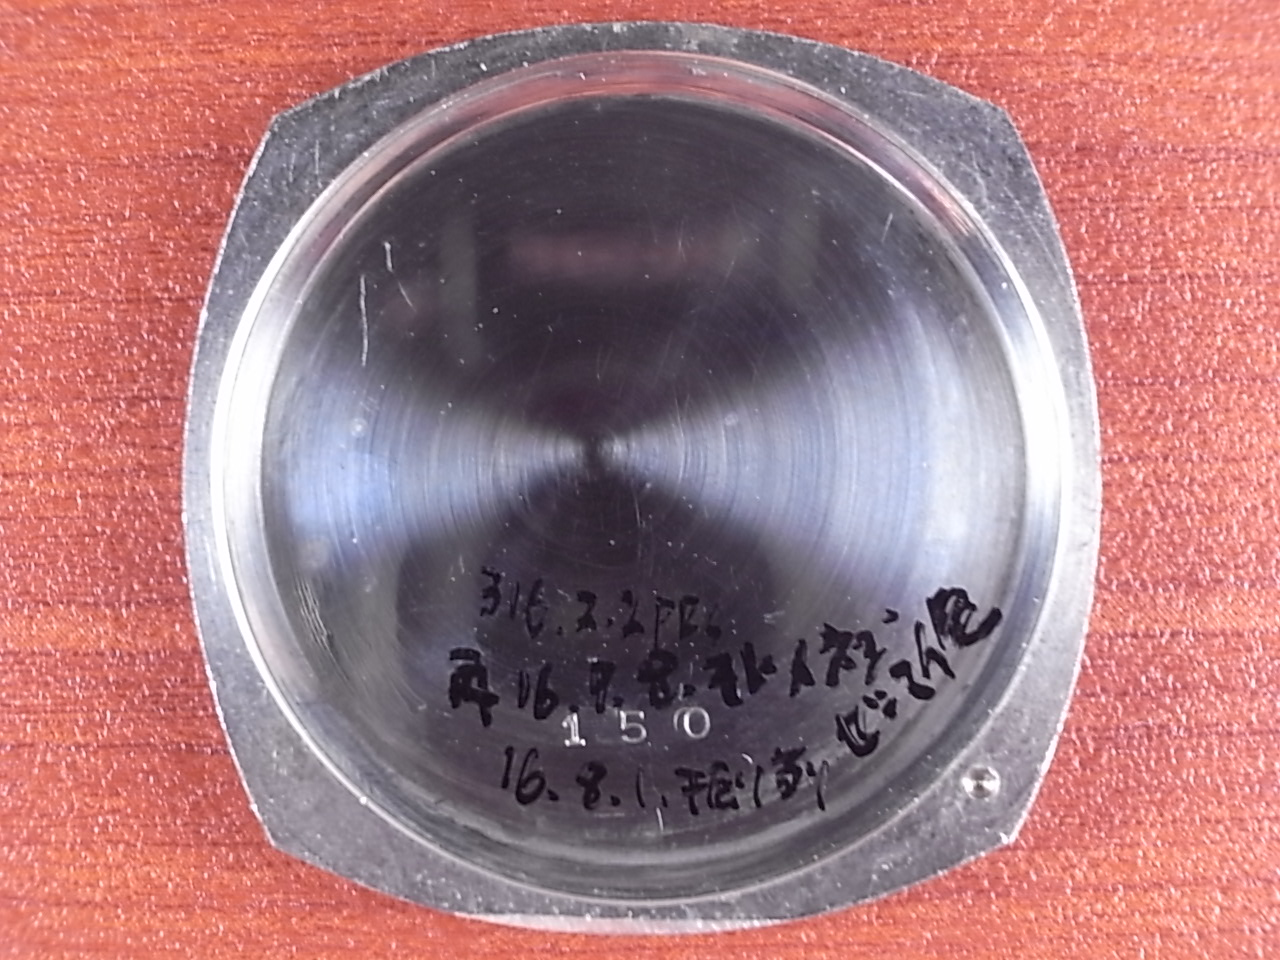 リーガル クッションケース ブラックミラー ニアミント 1940年代の写真6枚目